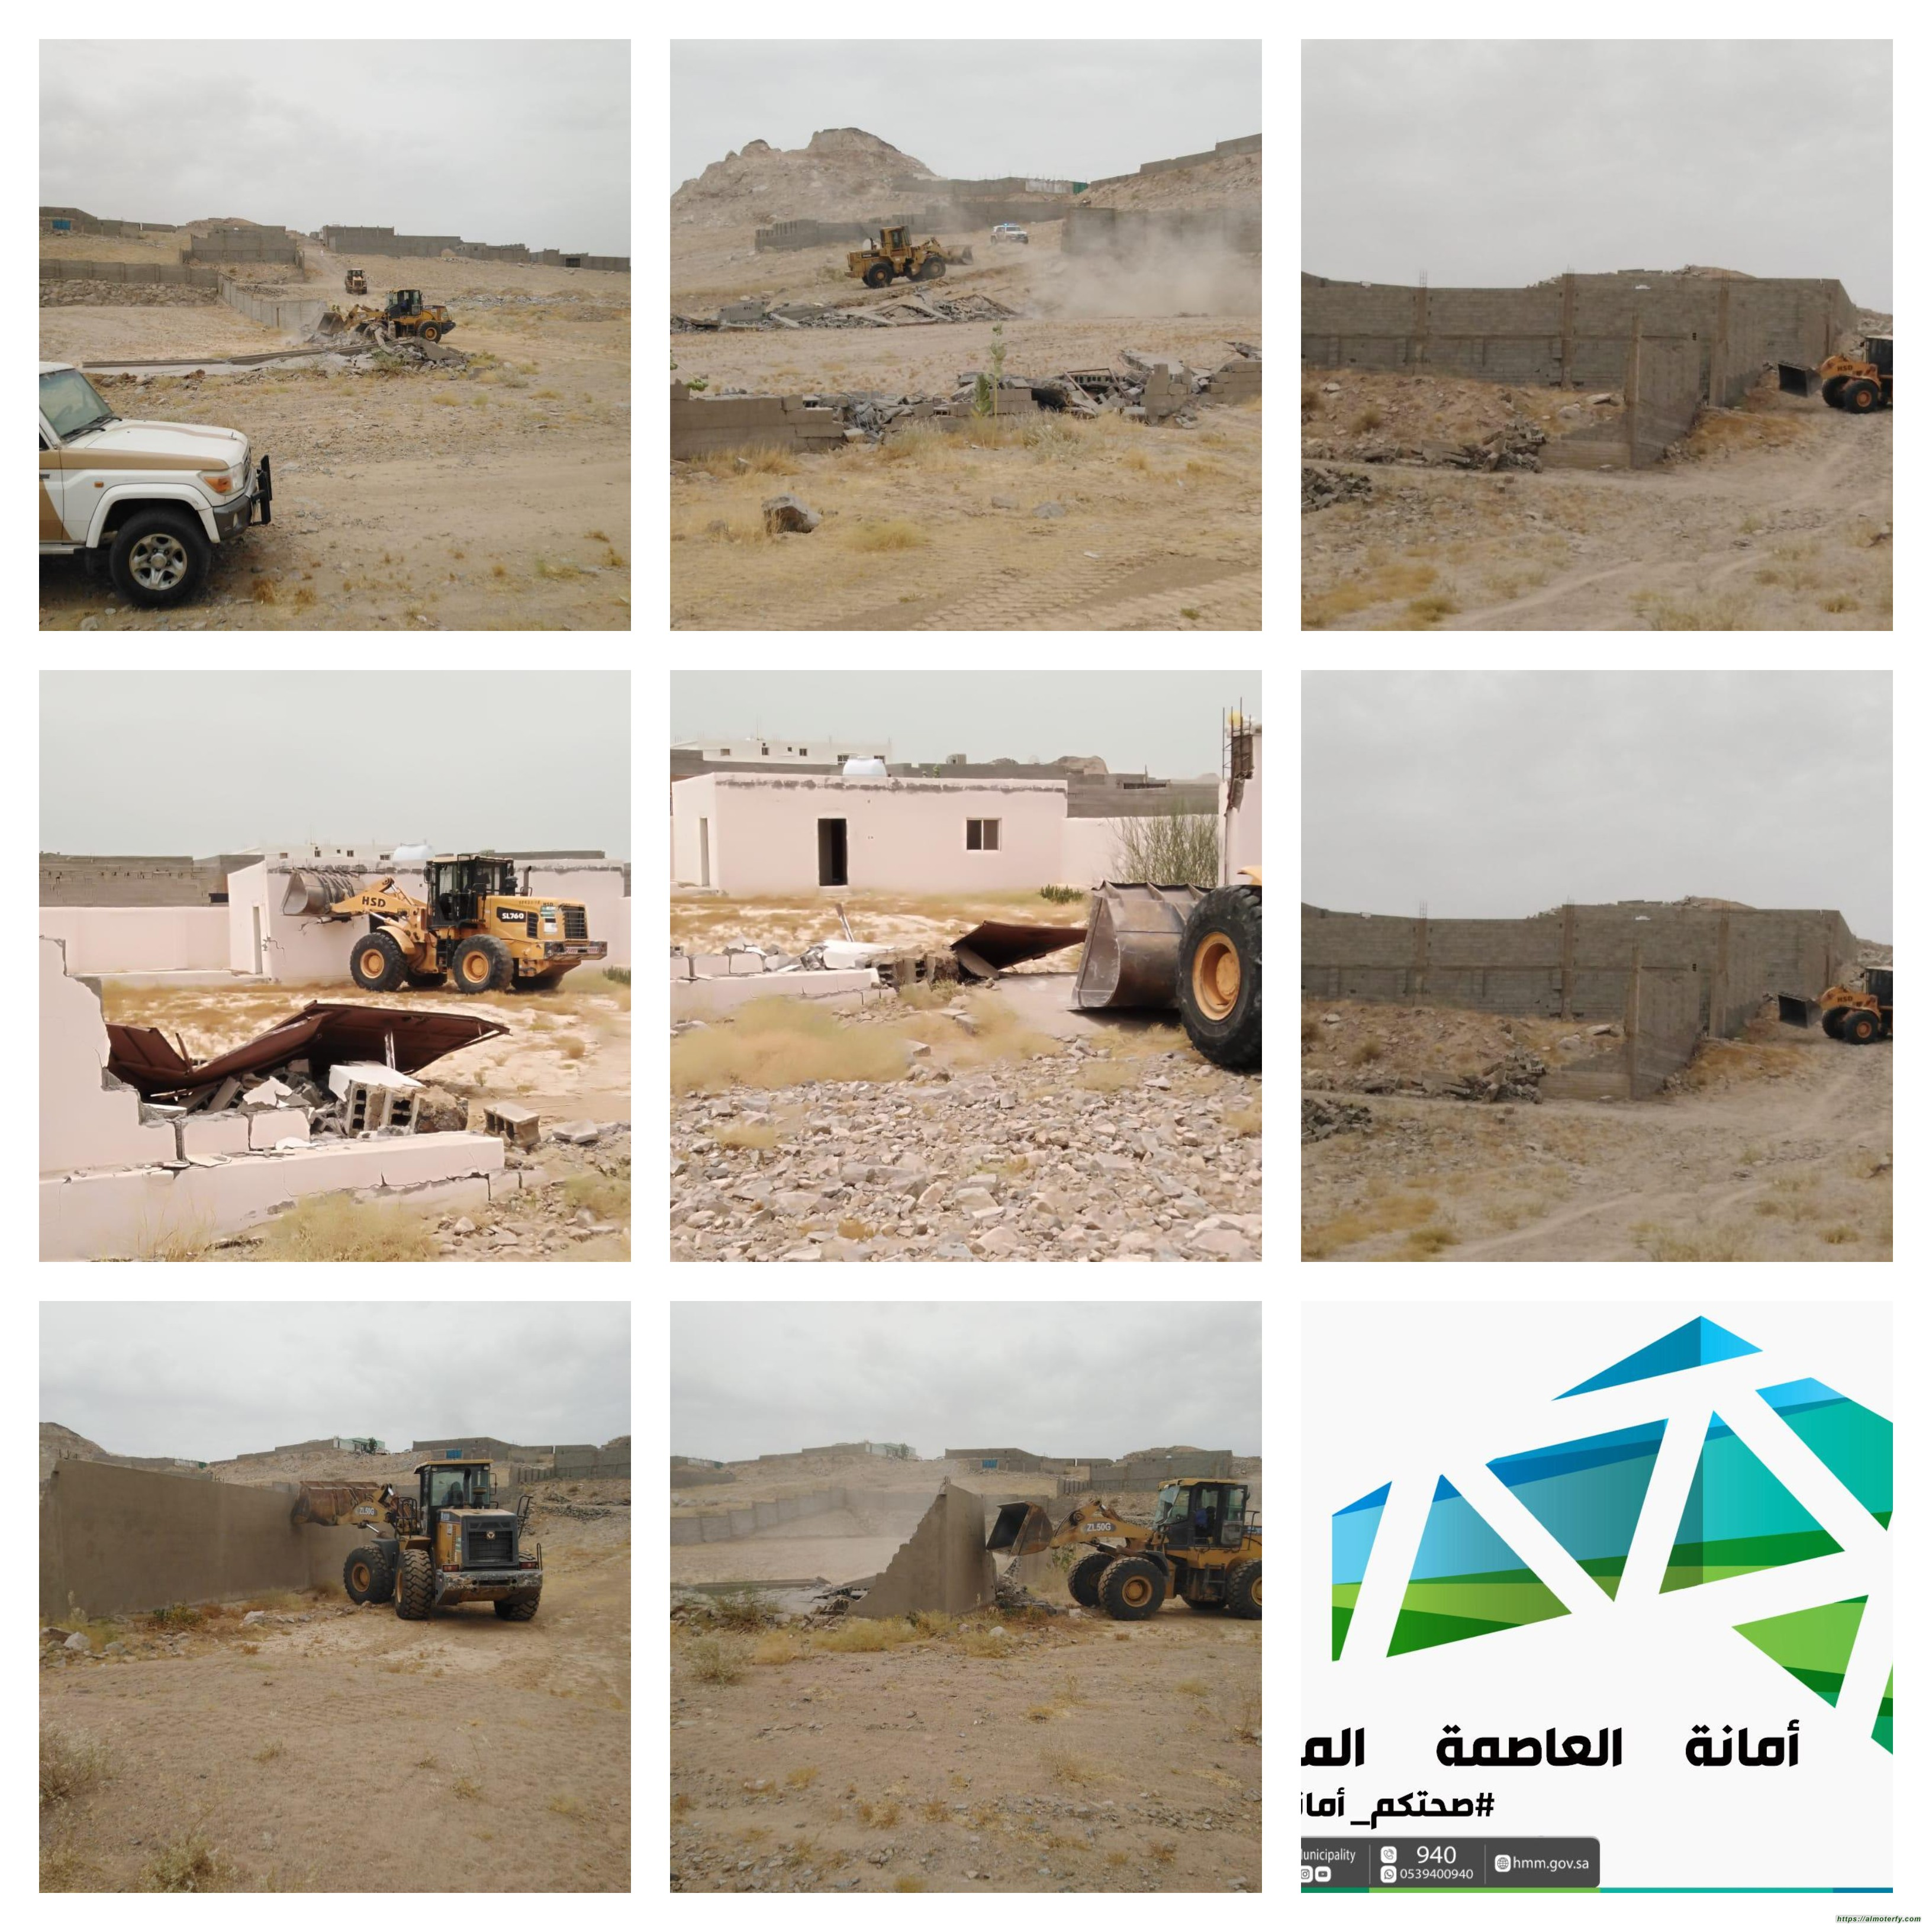 بلدية العمرة الفرعية تزيل مخطط عشوائي في الشميسي